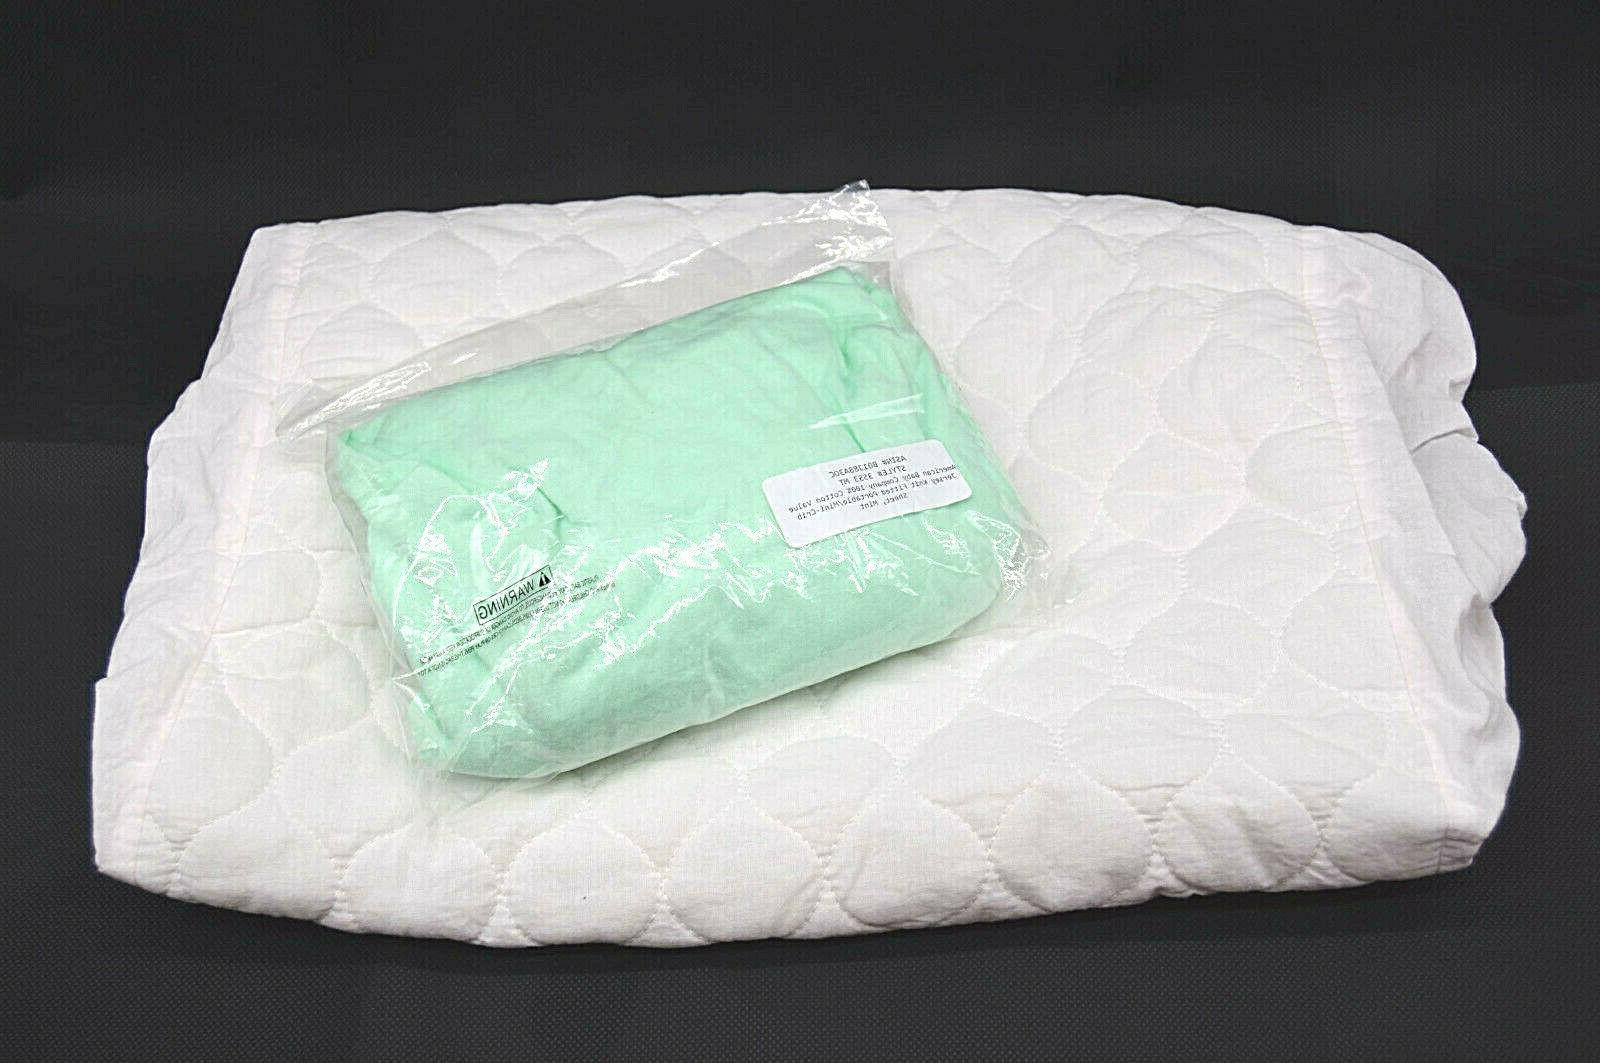 waterproof mattress pad and jersey knit mini